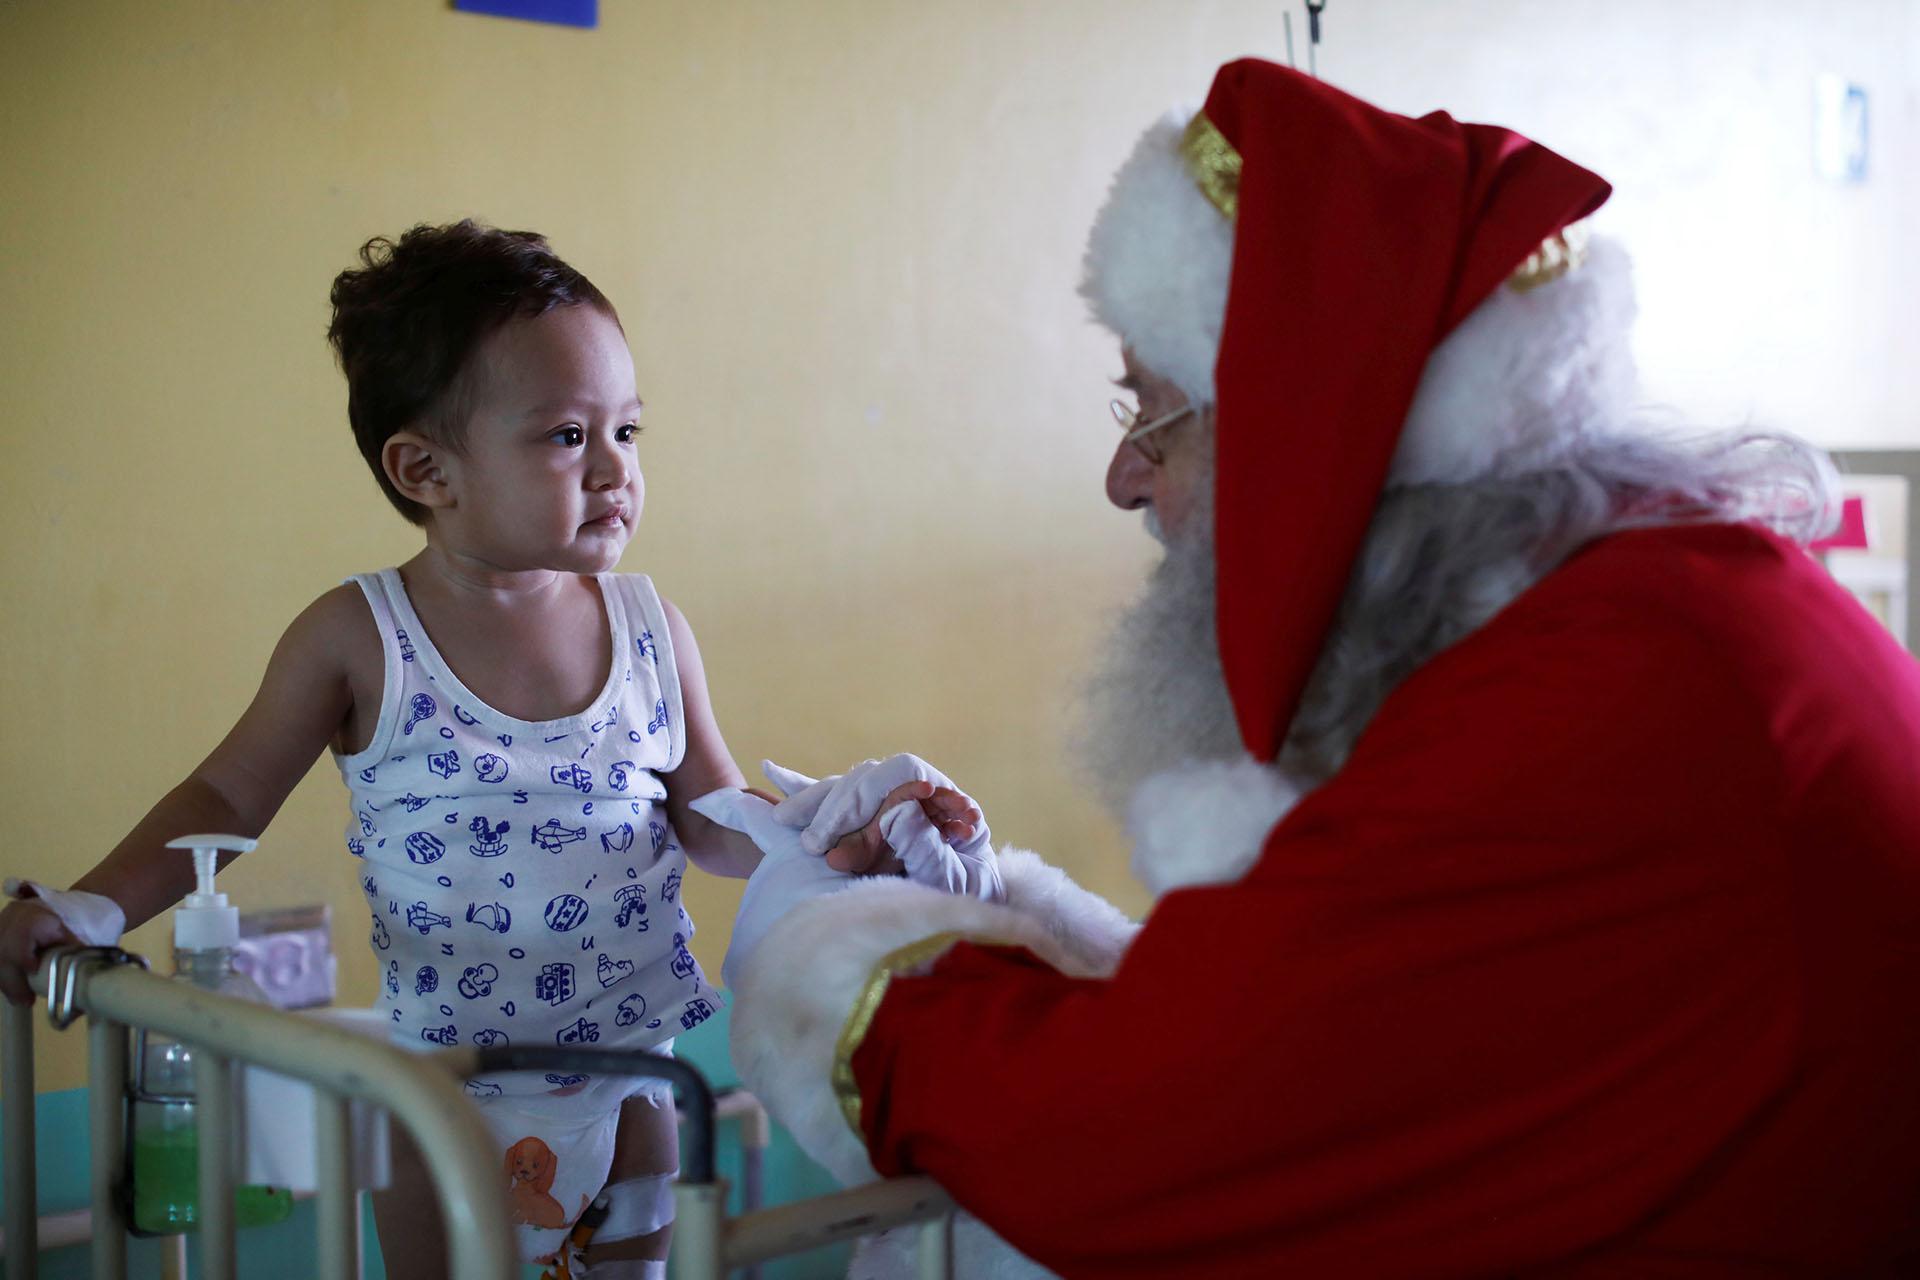 El islandés Einar Sveinsson, vestido de Papá Noel, habla con Javier Steven Cabrera Henríquez durante una visita al Benjamin Bloom National Children Hospital en San Salvador, El Salvador, el 18 de diciembre de 2017. (Reuters)